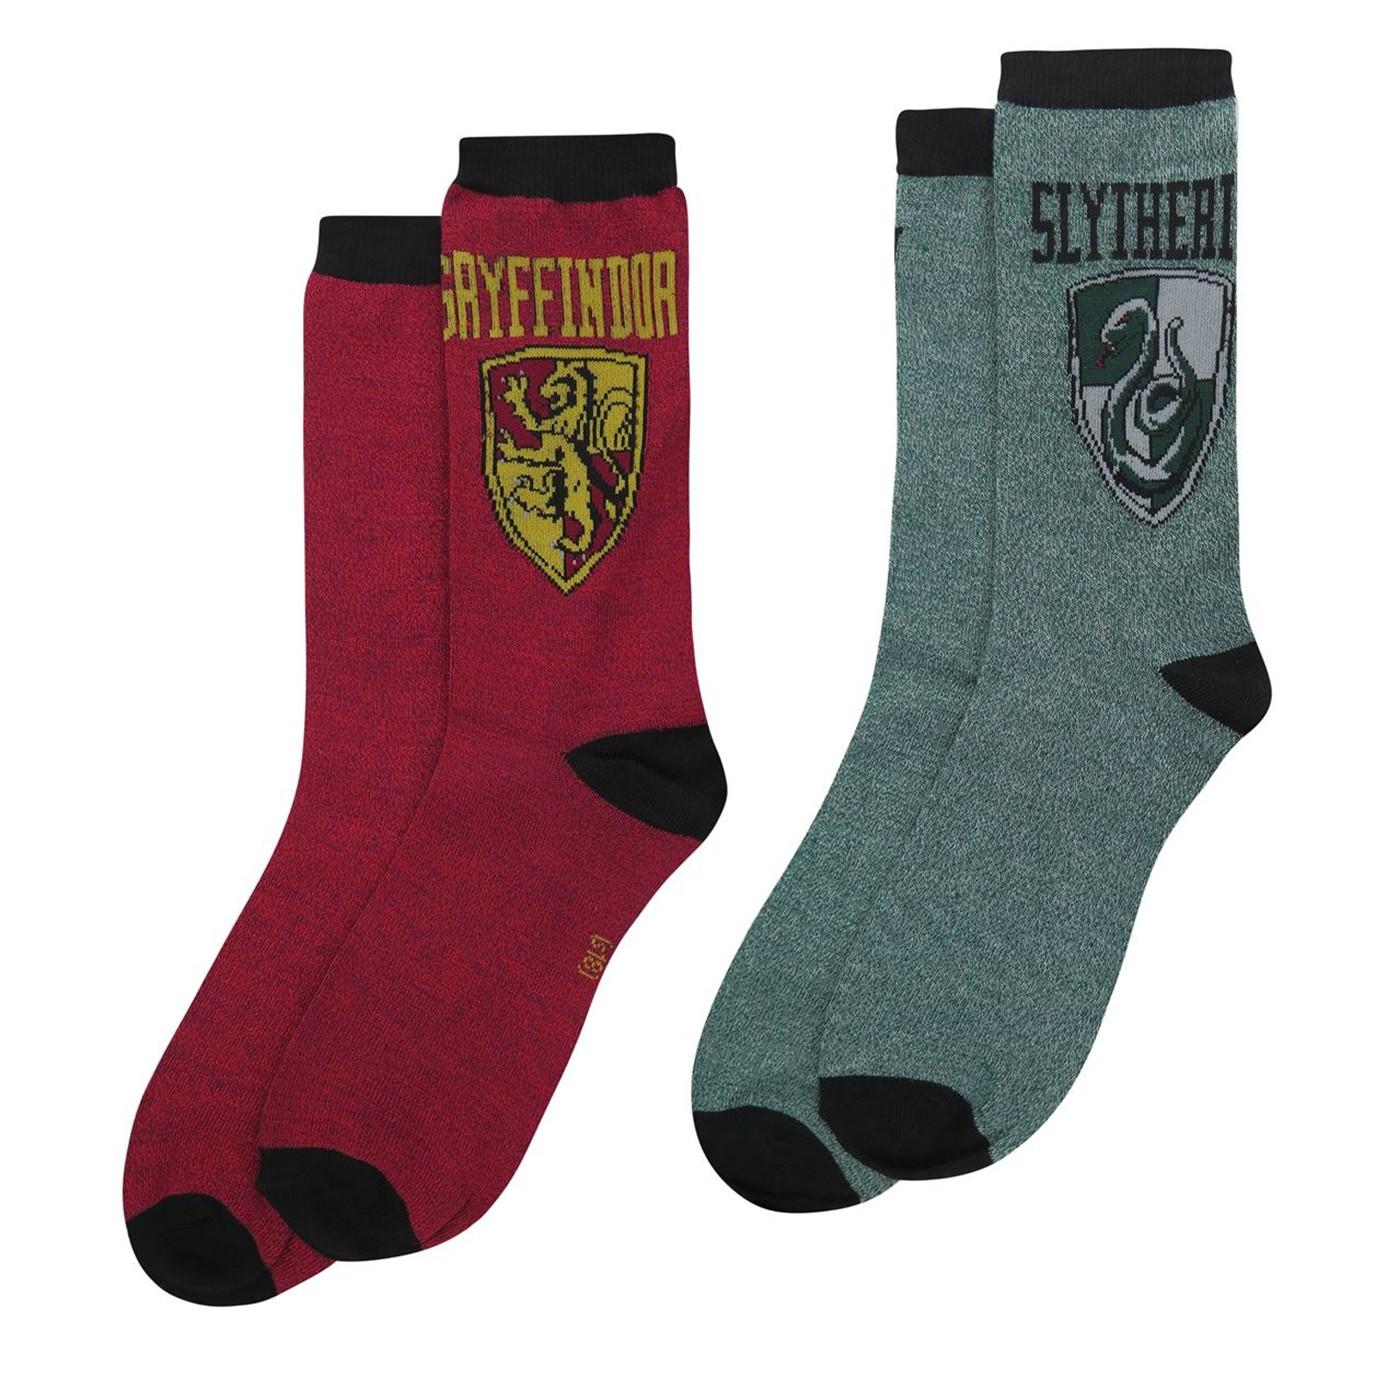 Harry Potter Gryffindor & Slytherin Crew Socks 2-Pack